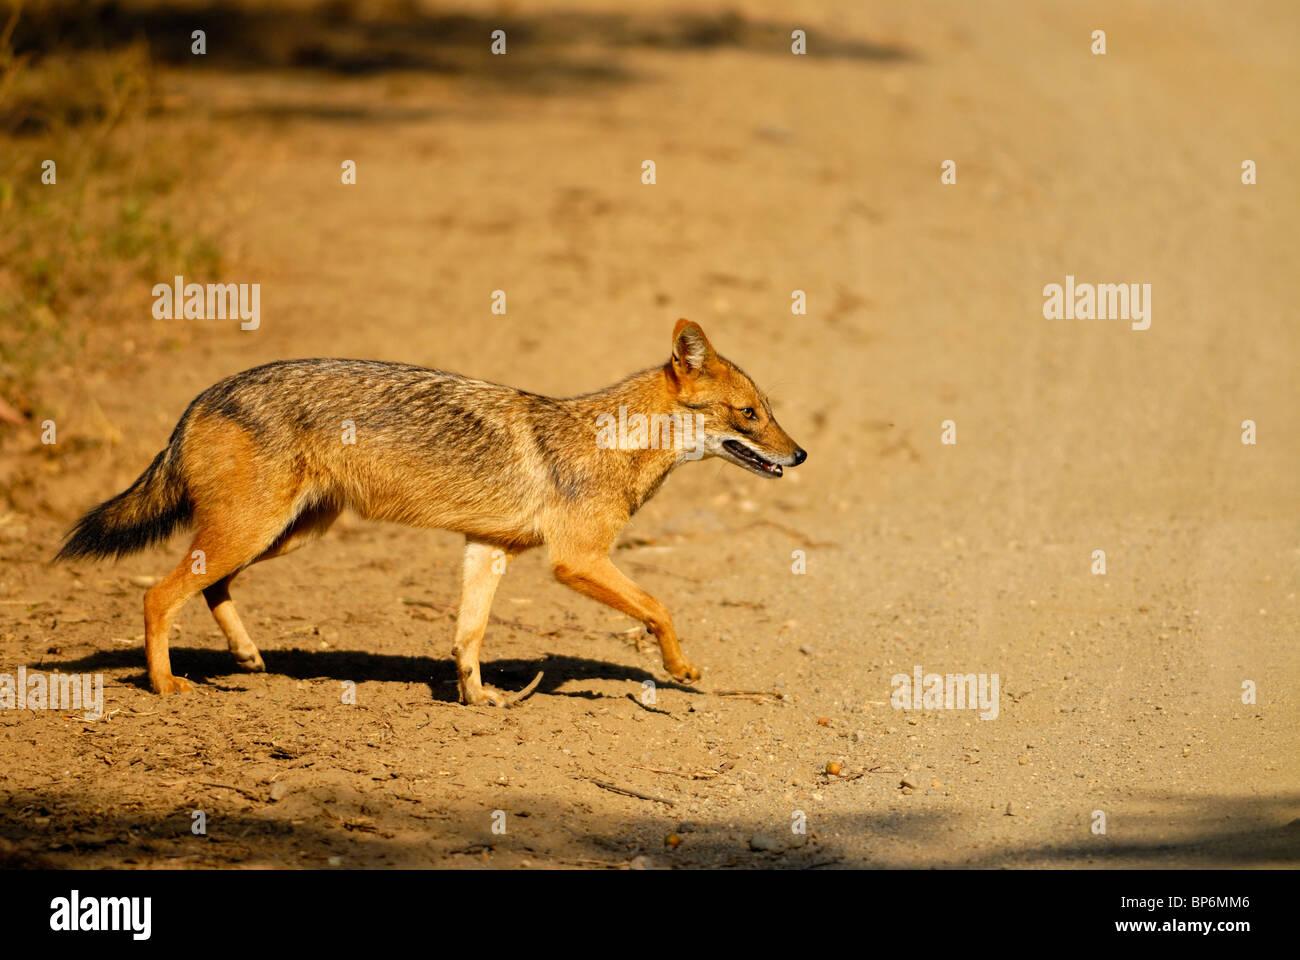 Le Chacal Canis aureus indien Banque D'Images